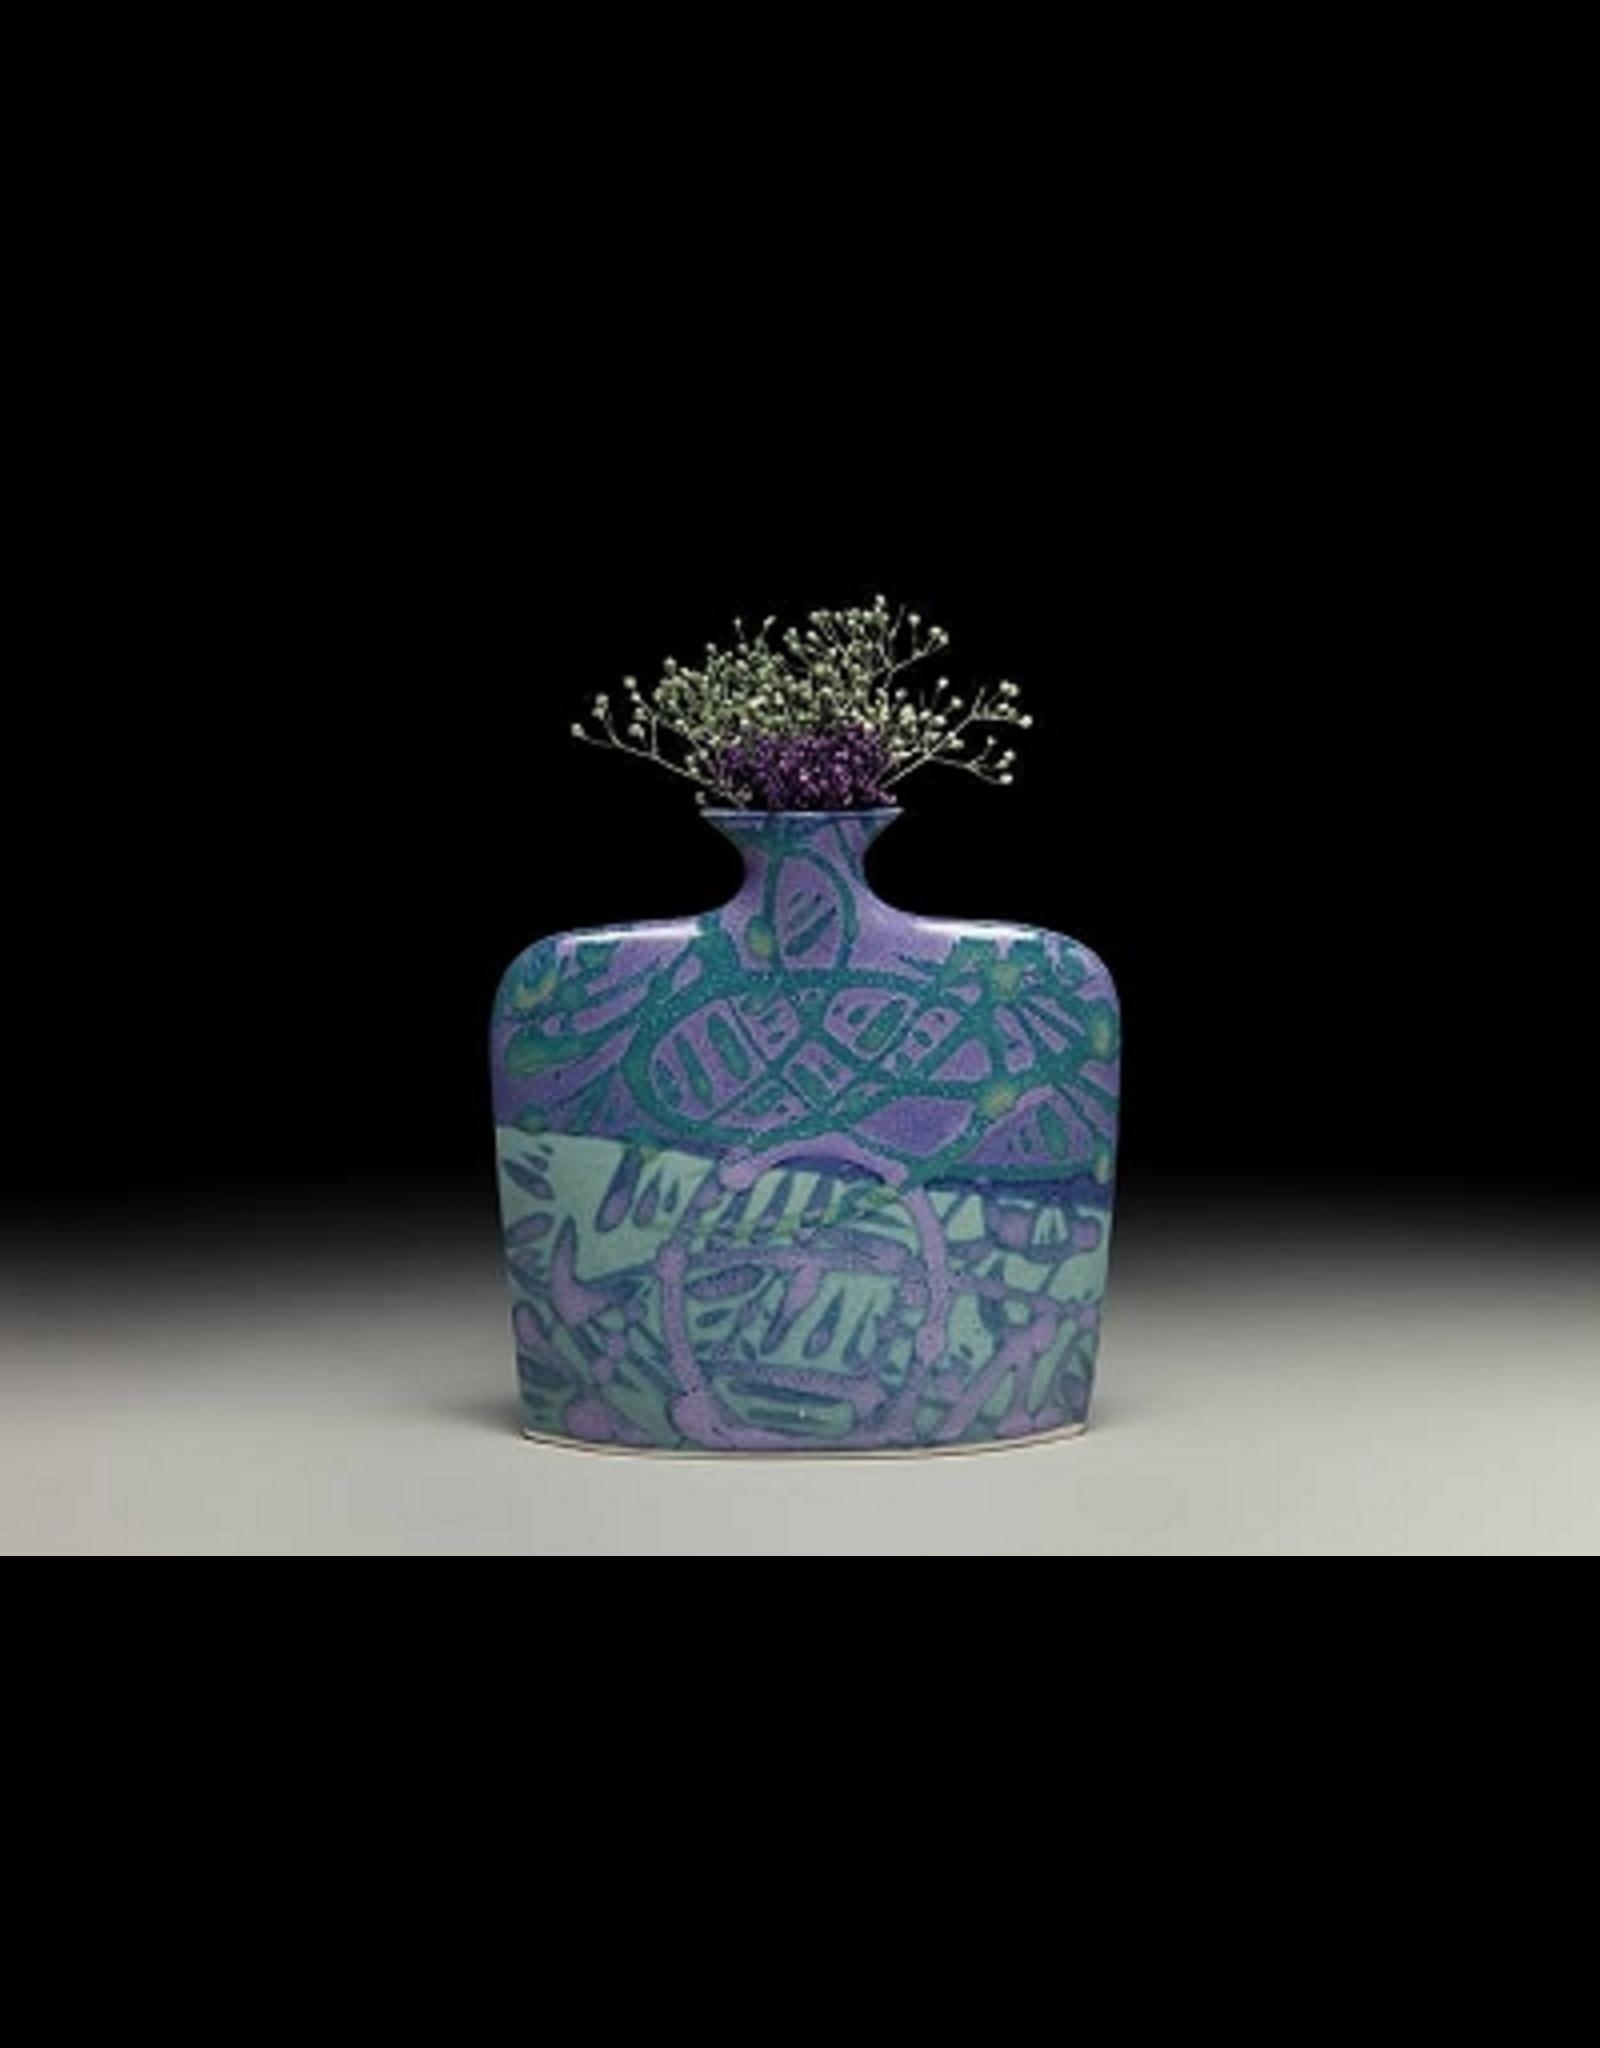 Earth & Sky Pottery Porcelain Slab Flower Vase (Md, ESP)